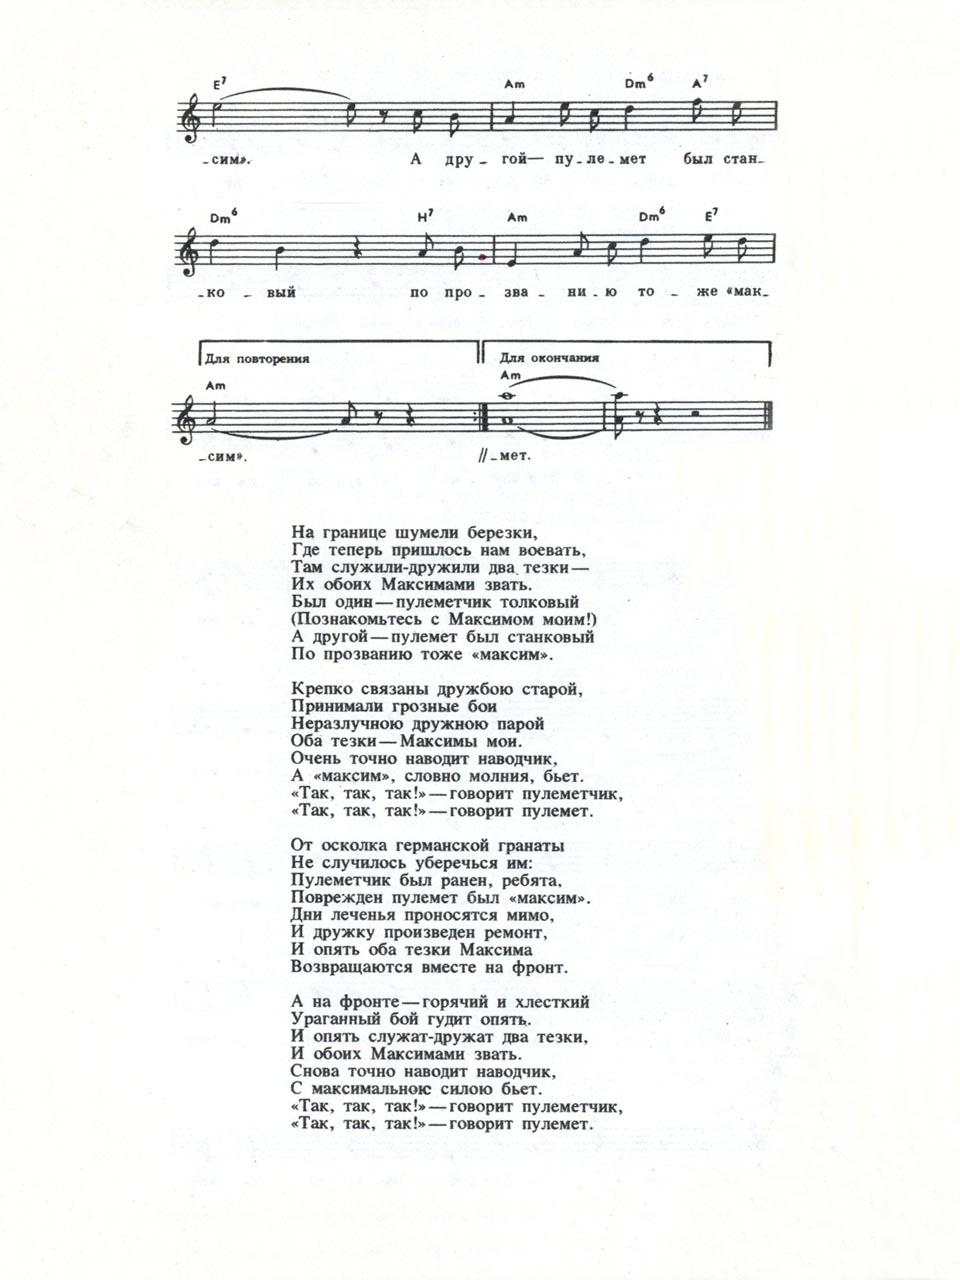 С. Кац, В. Дыховичный. Песня «Два Максима». Ноты для голоса и аккорды